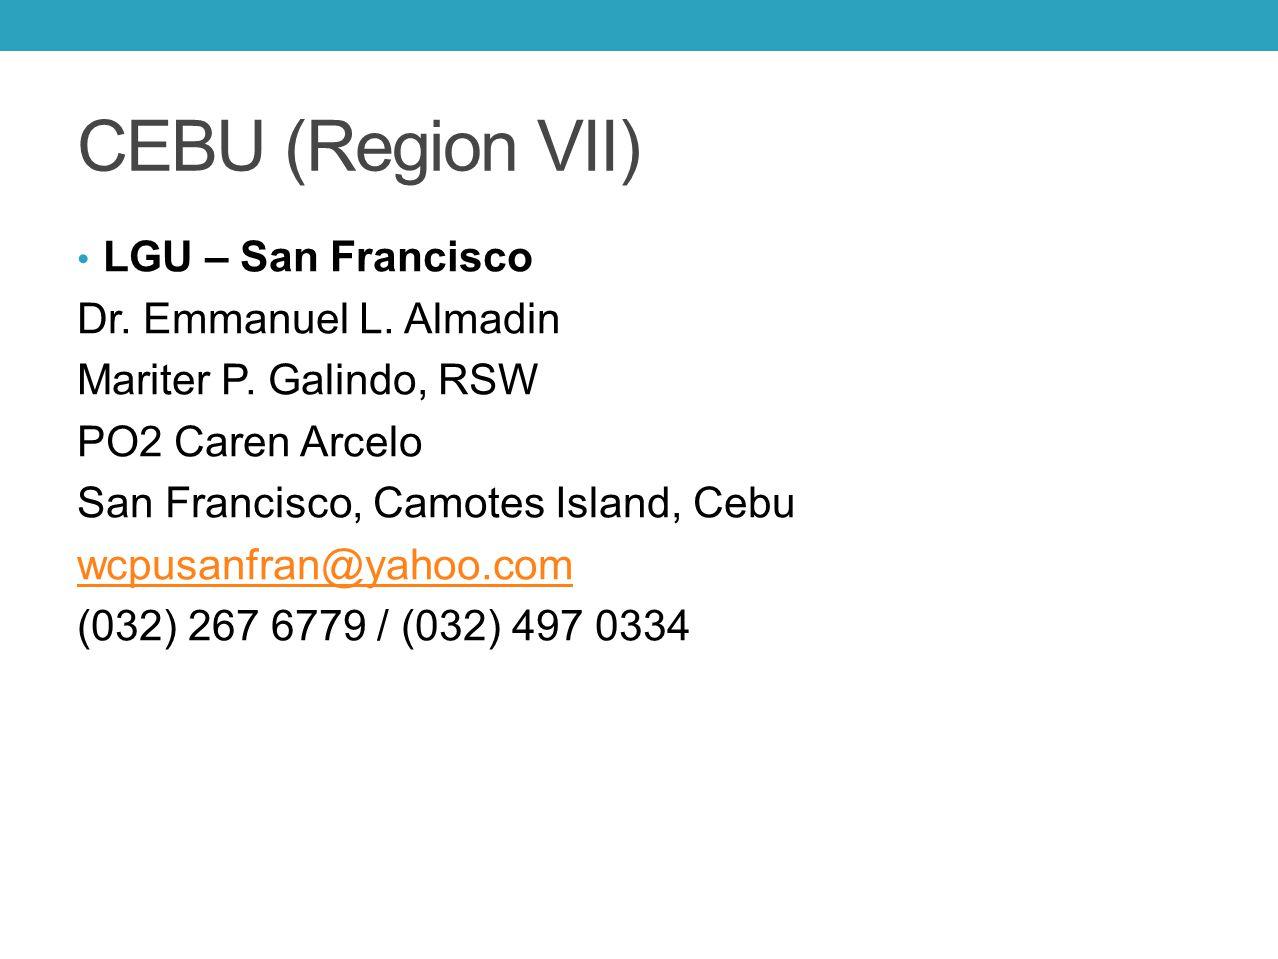 CEBU (Region VII) LGU – San Francisco Dr. Emmanuel L. Almadin Mariter P. Galindo, RSW PO2 Caren Arcelo San Francisco, Camotes Island, Cebu wcpusanfran